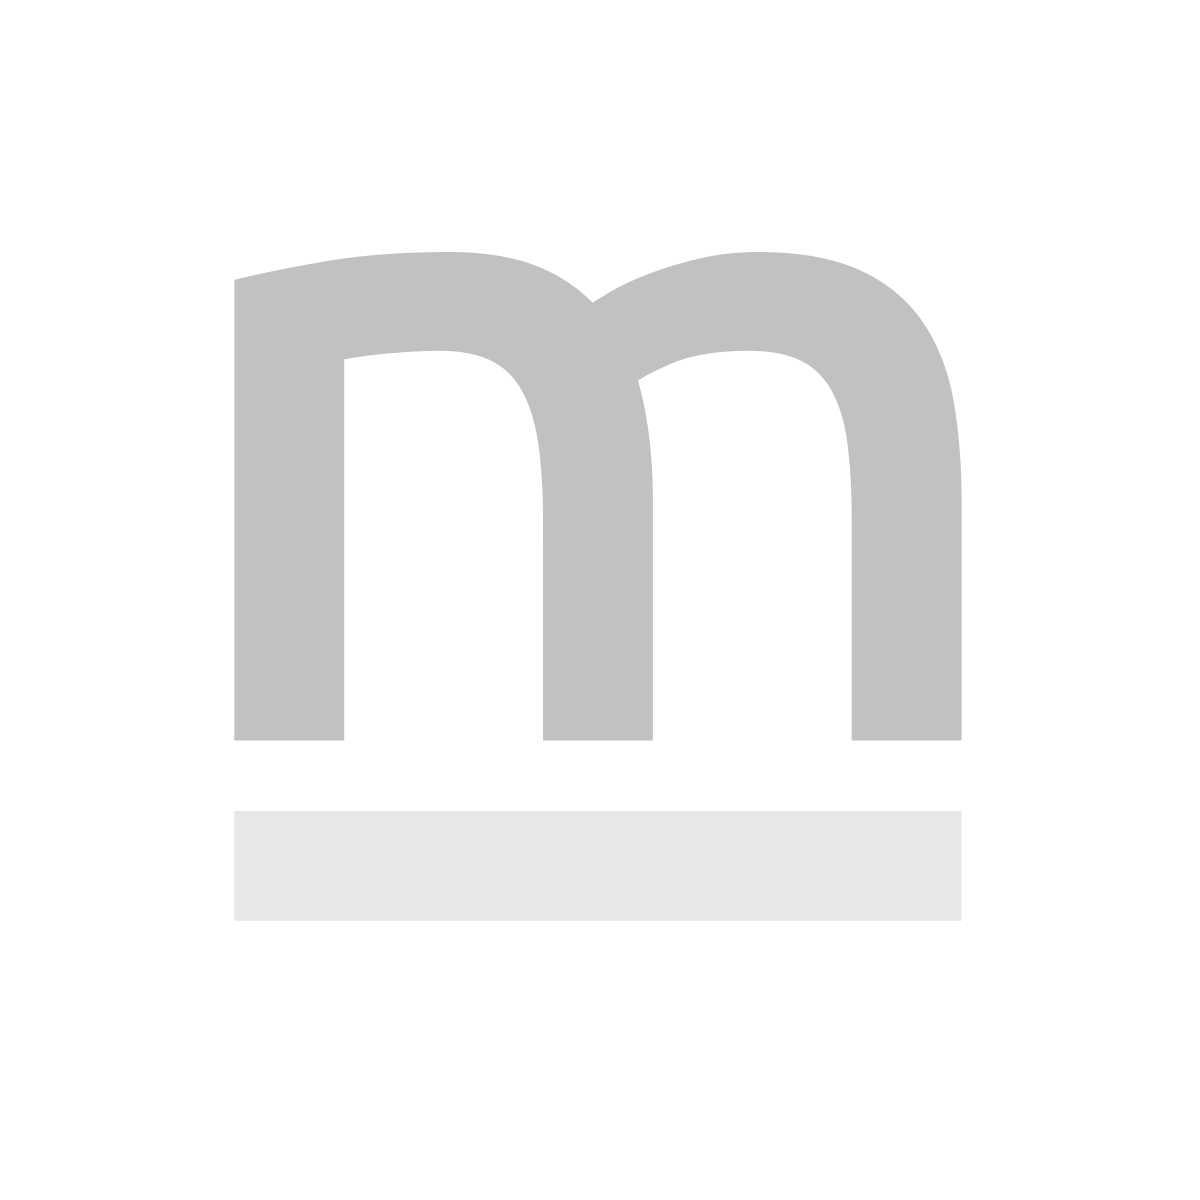 Dywan dziecięcy BABY, YOU ROCK! 120x120 niebieski